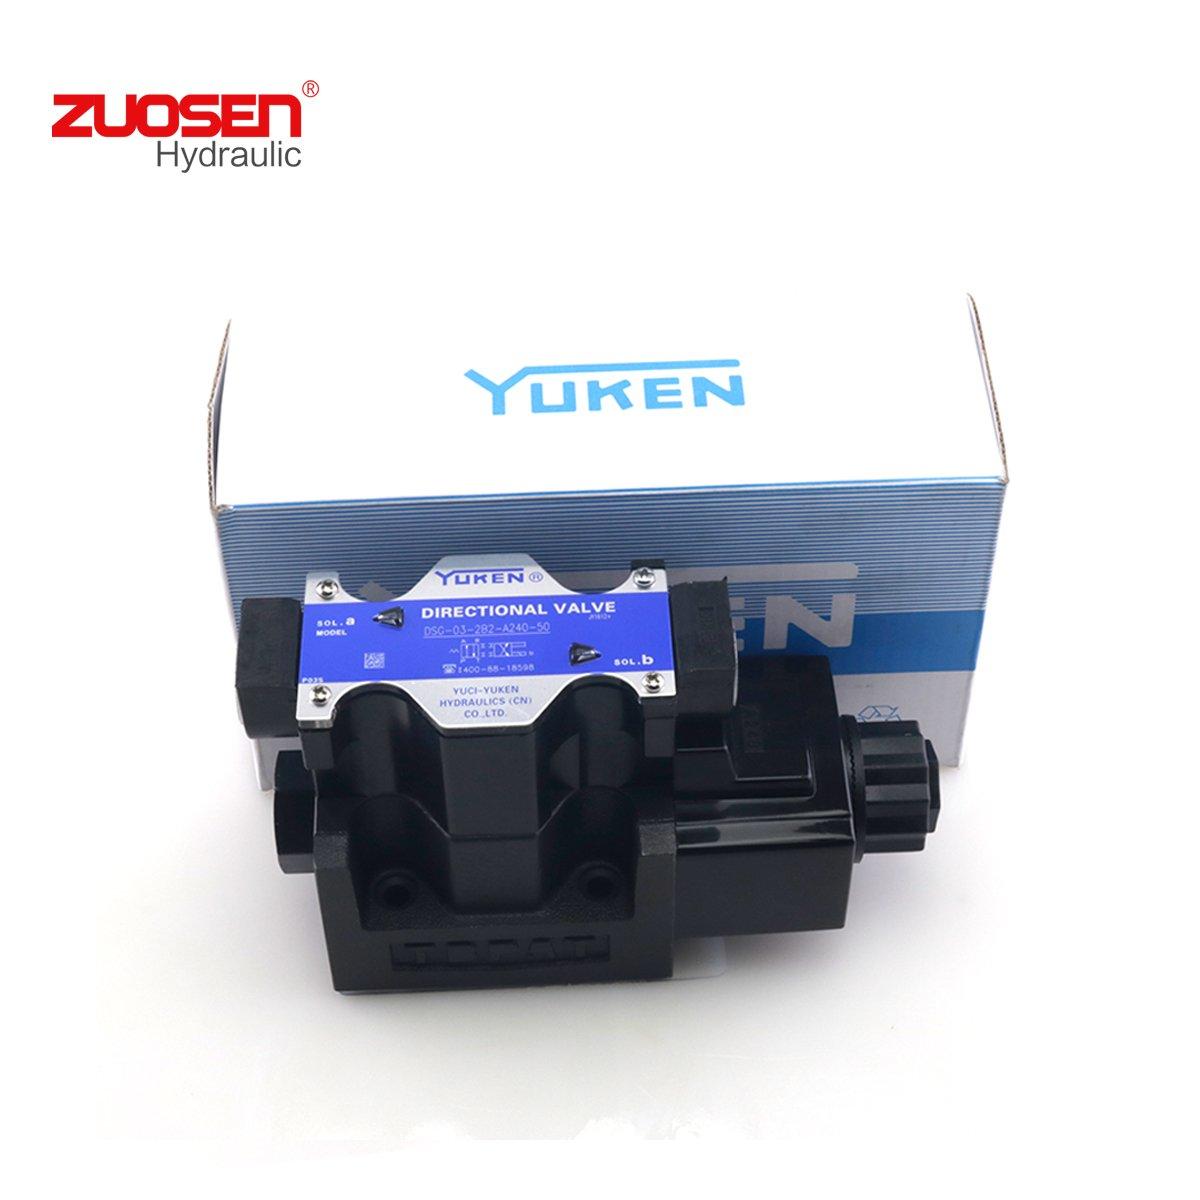 Yuken DSG-03-2B2-A240-50 Hydraulic Valves